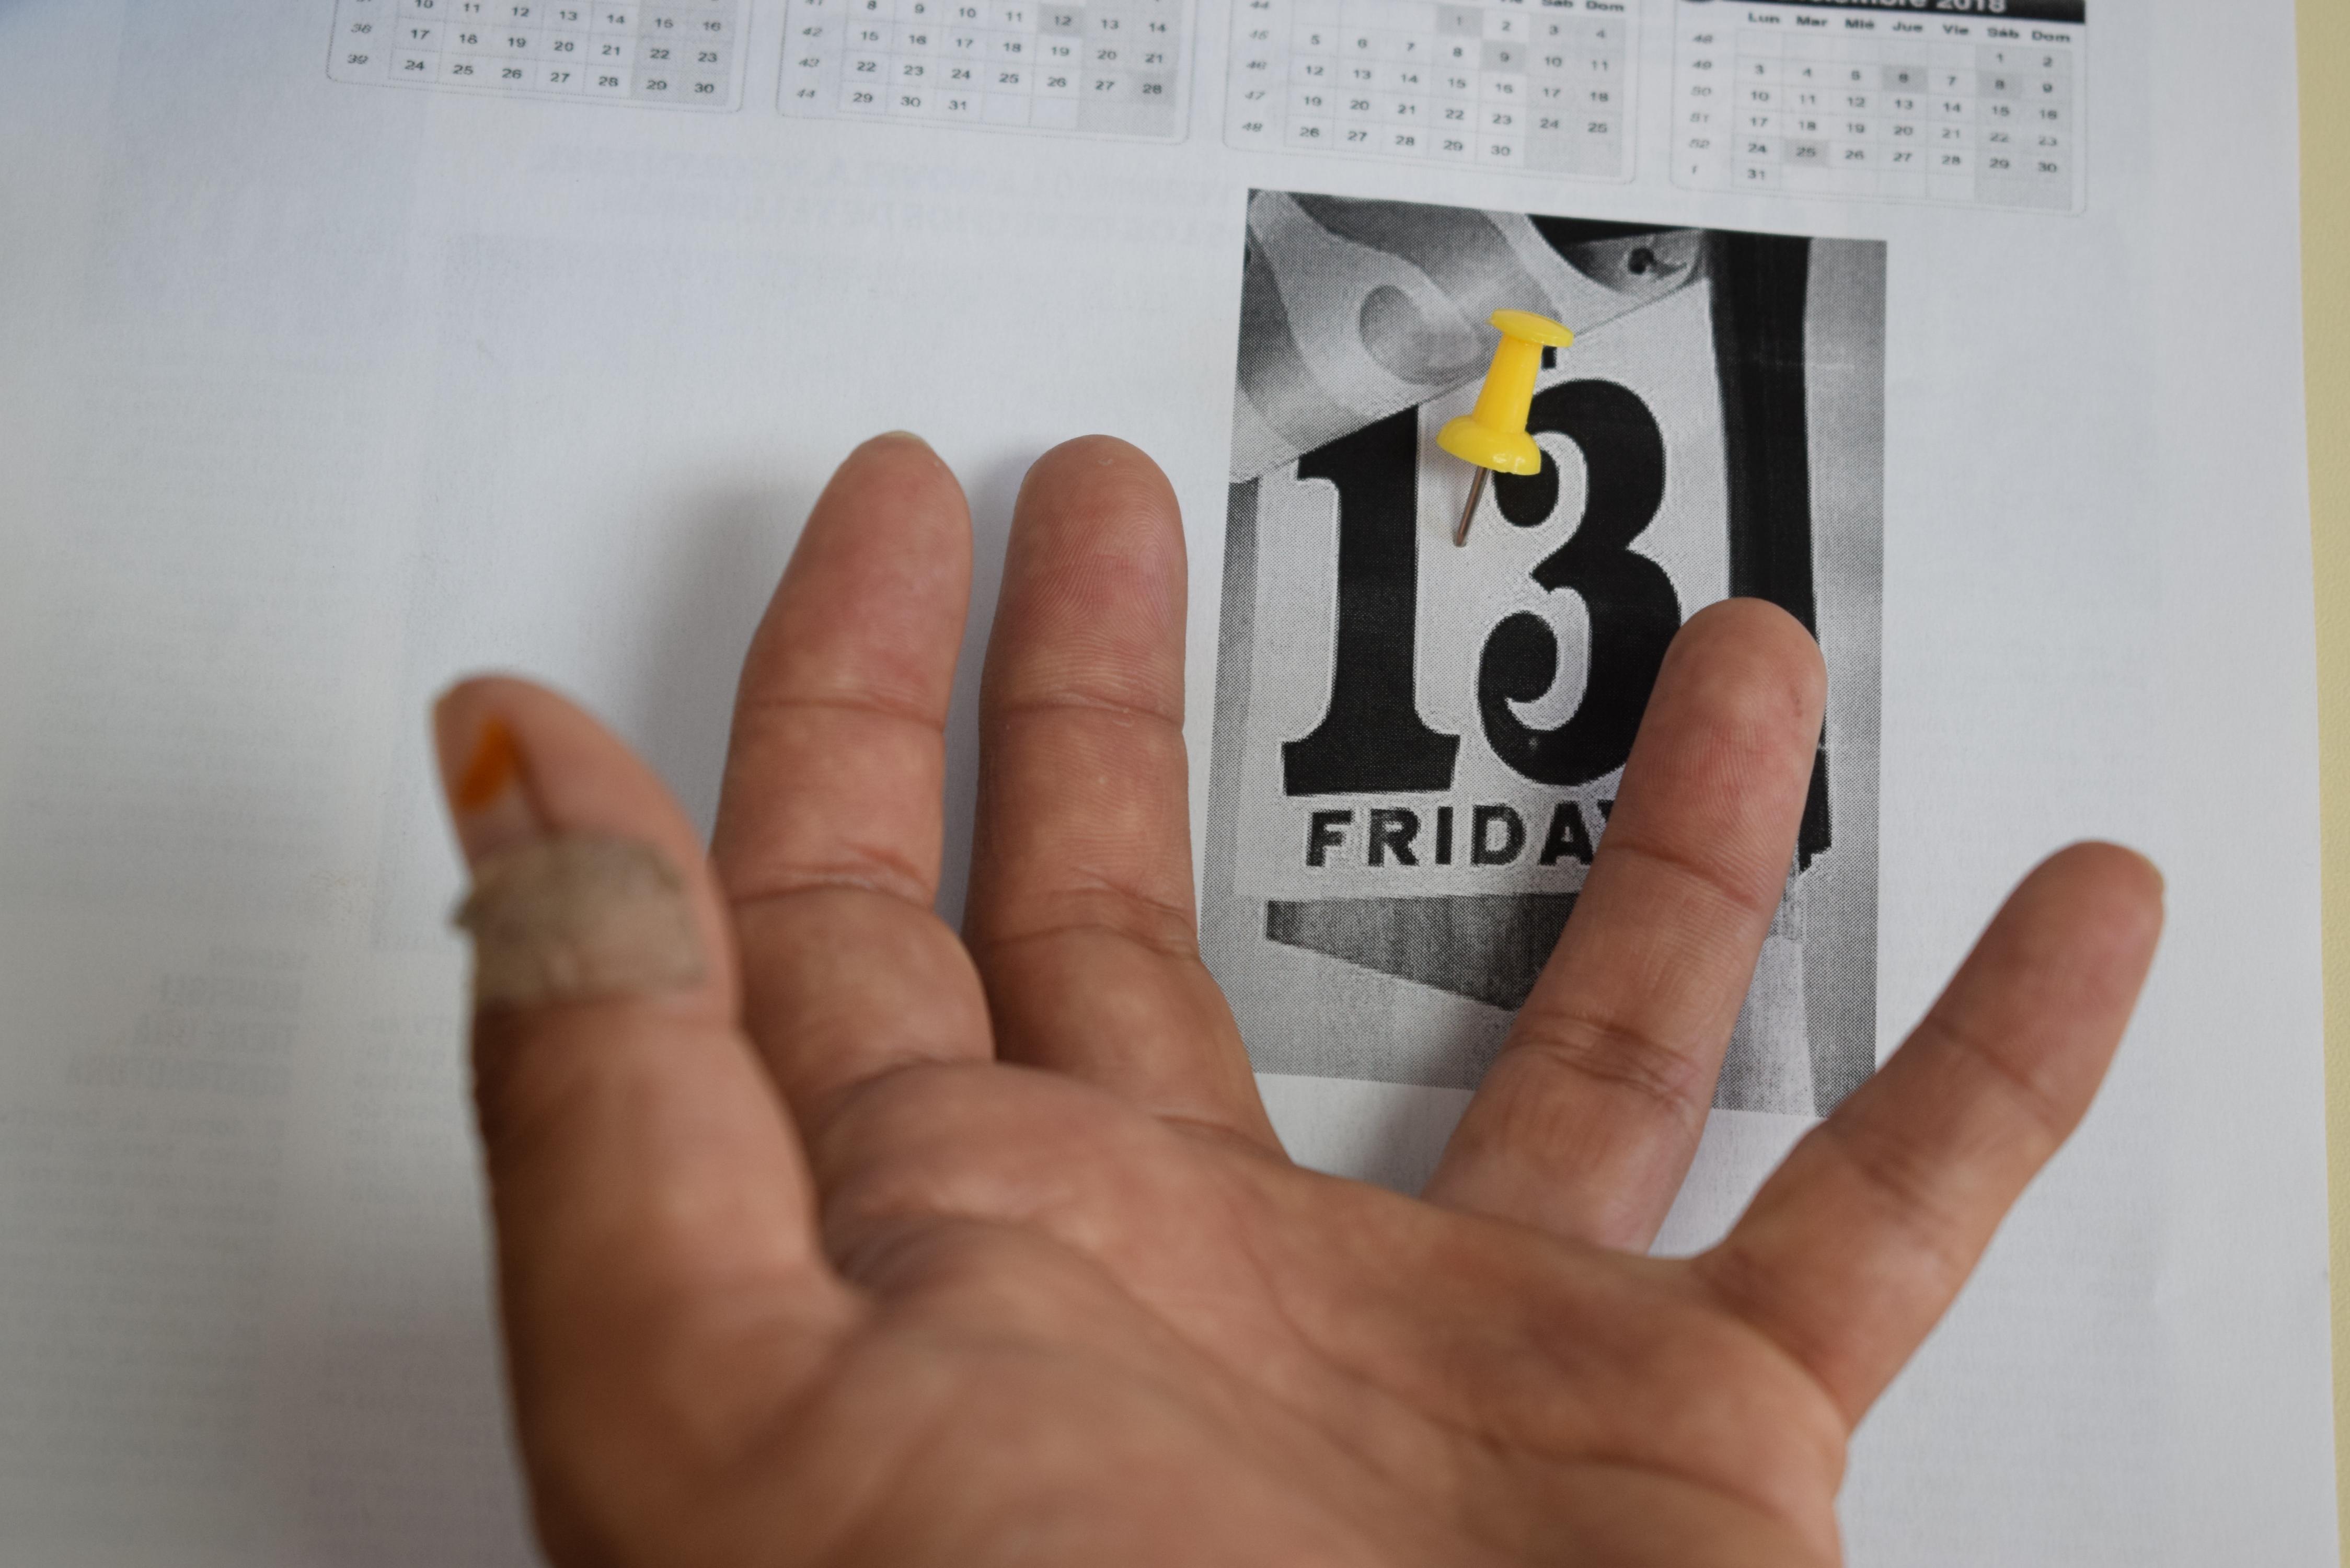 Viernes 13, ¿día de mala suerte?